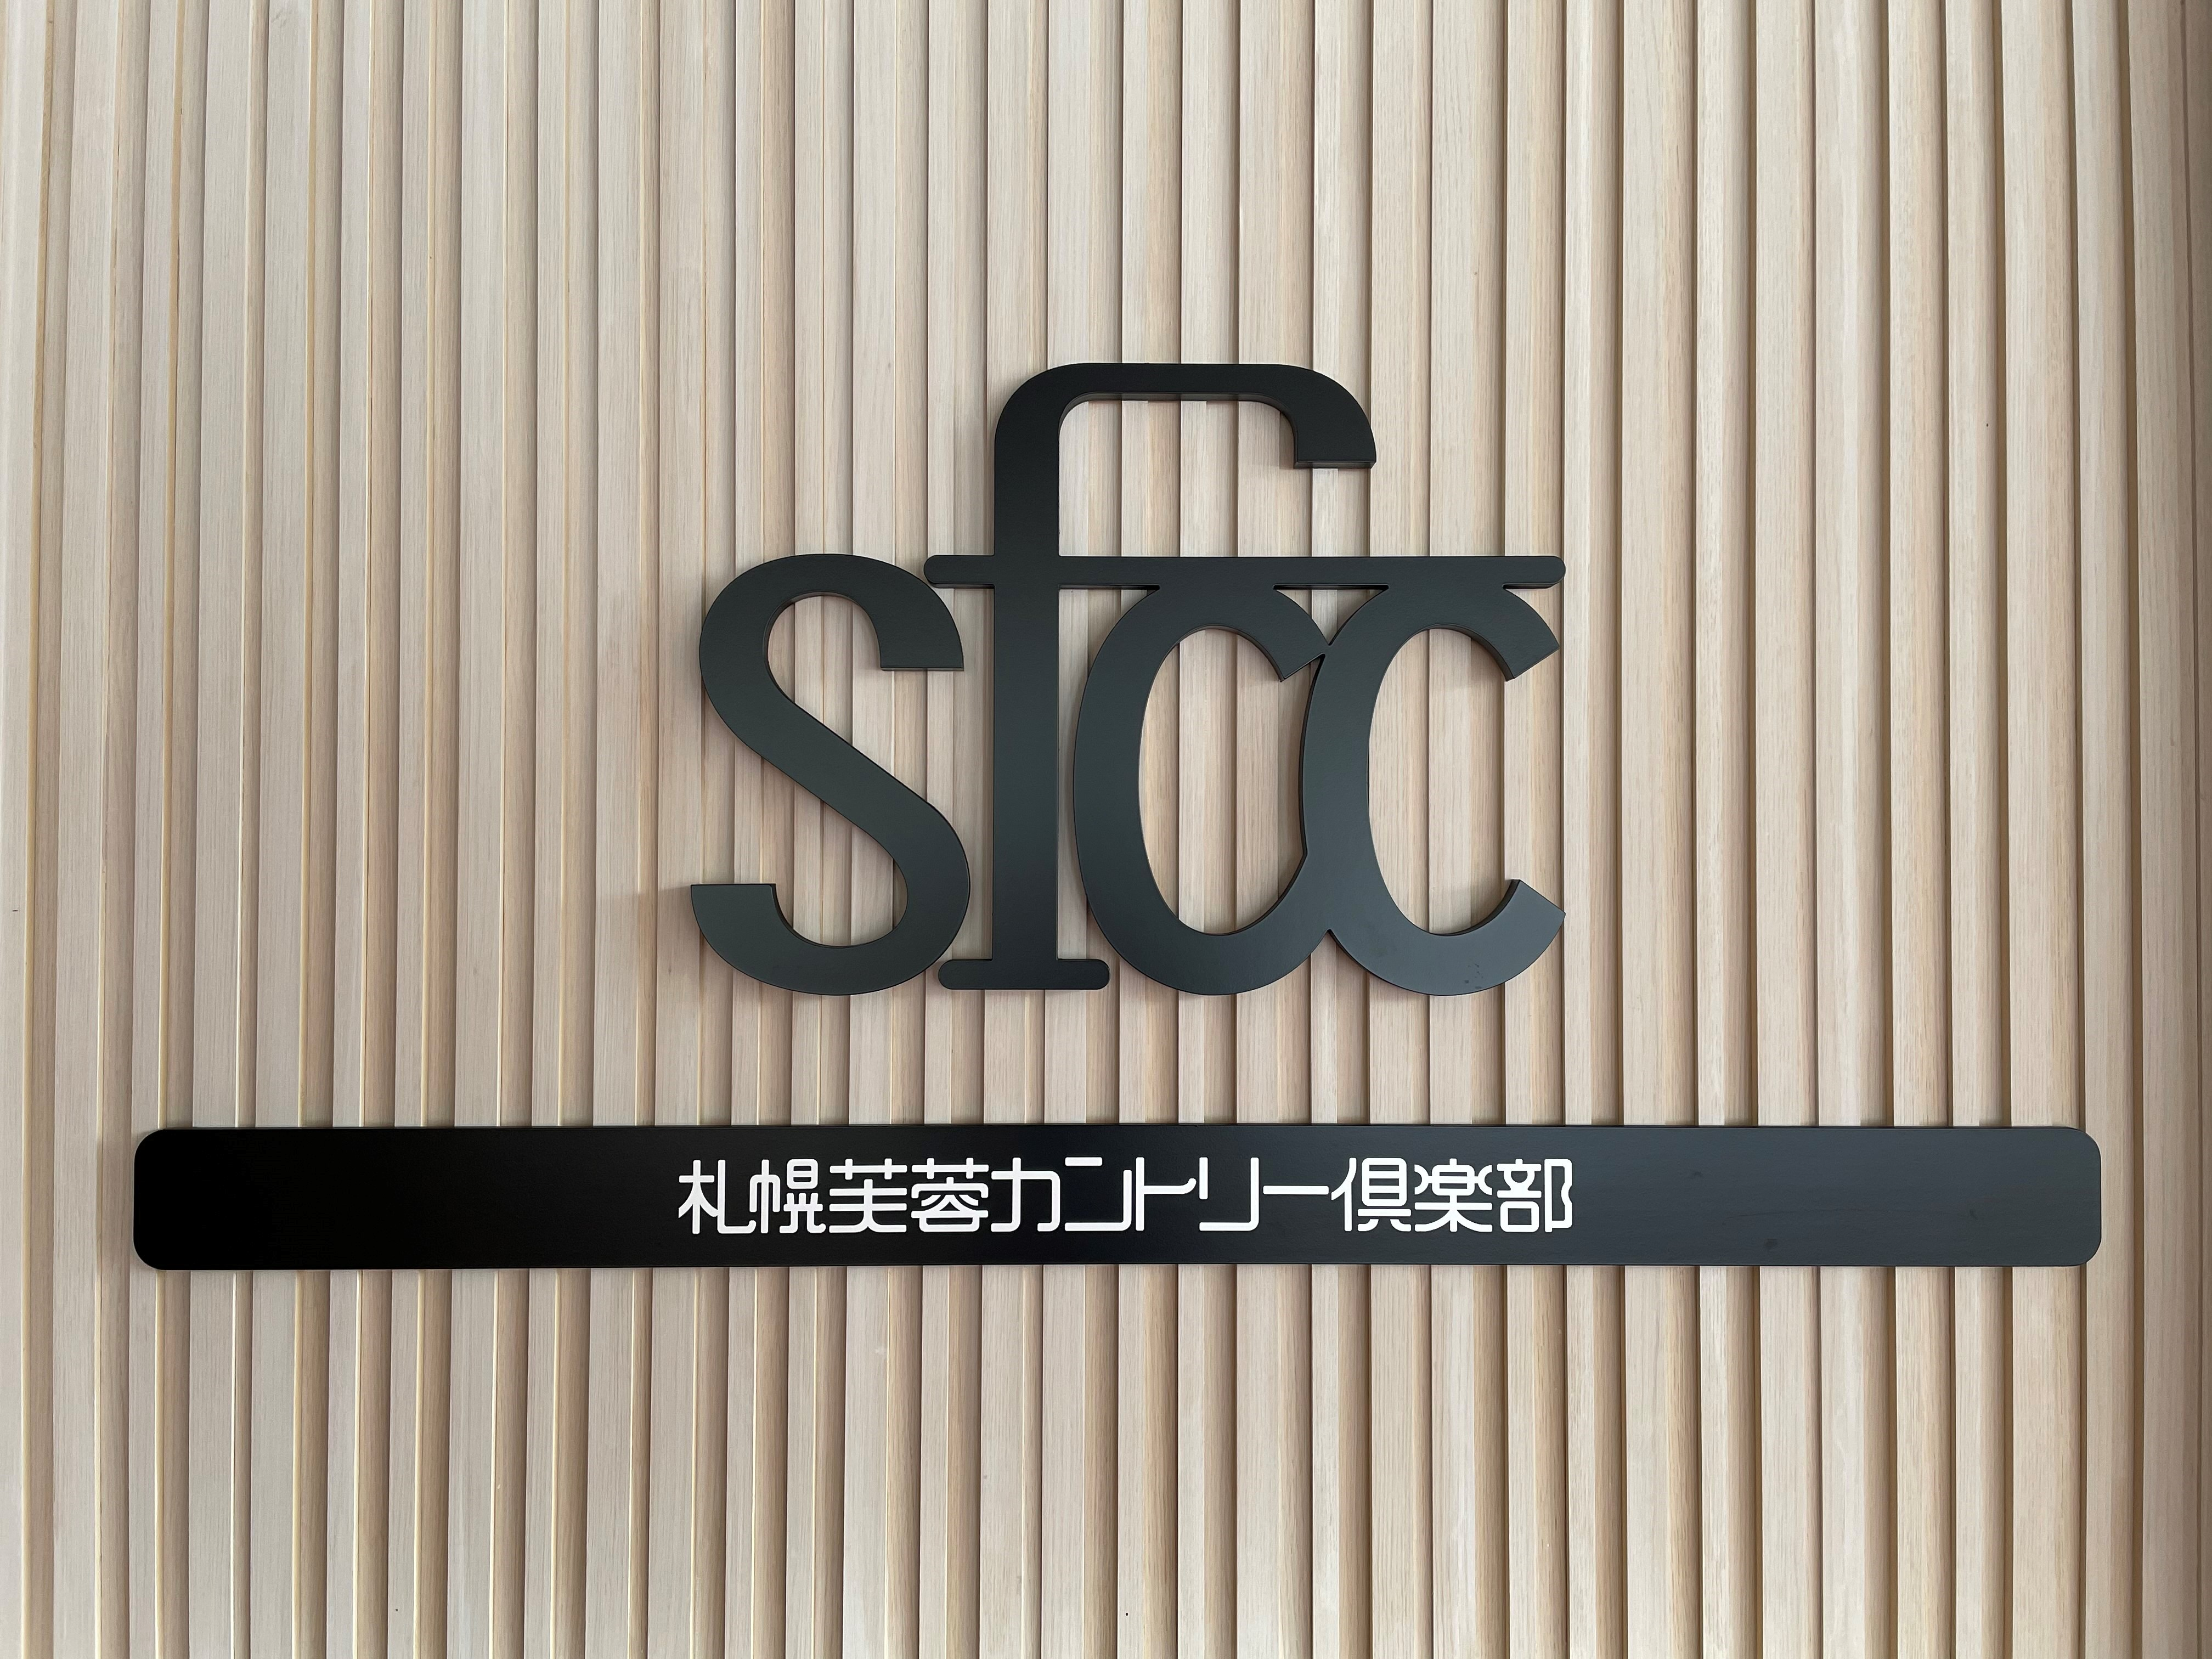 札幌芙蓉カントリー倶楽部